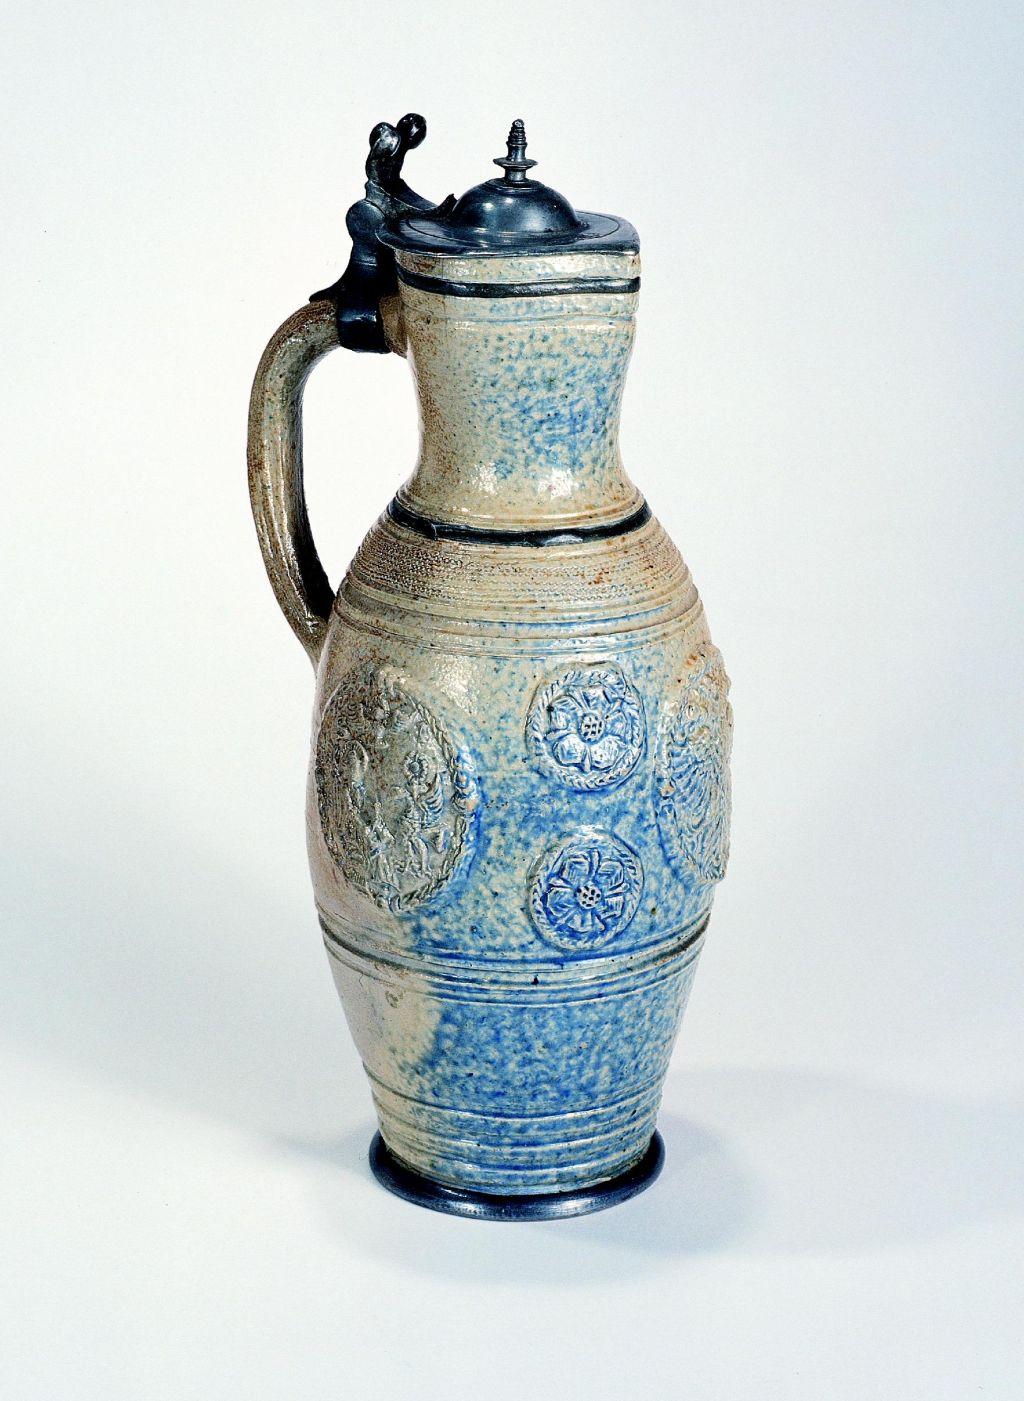 antique-17th century-german stoneware waldenburg-stoneware-jug-ca-1630